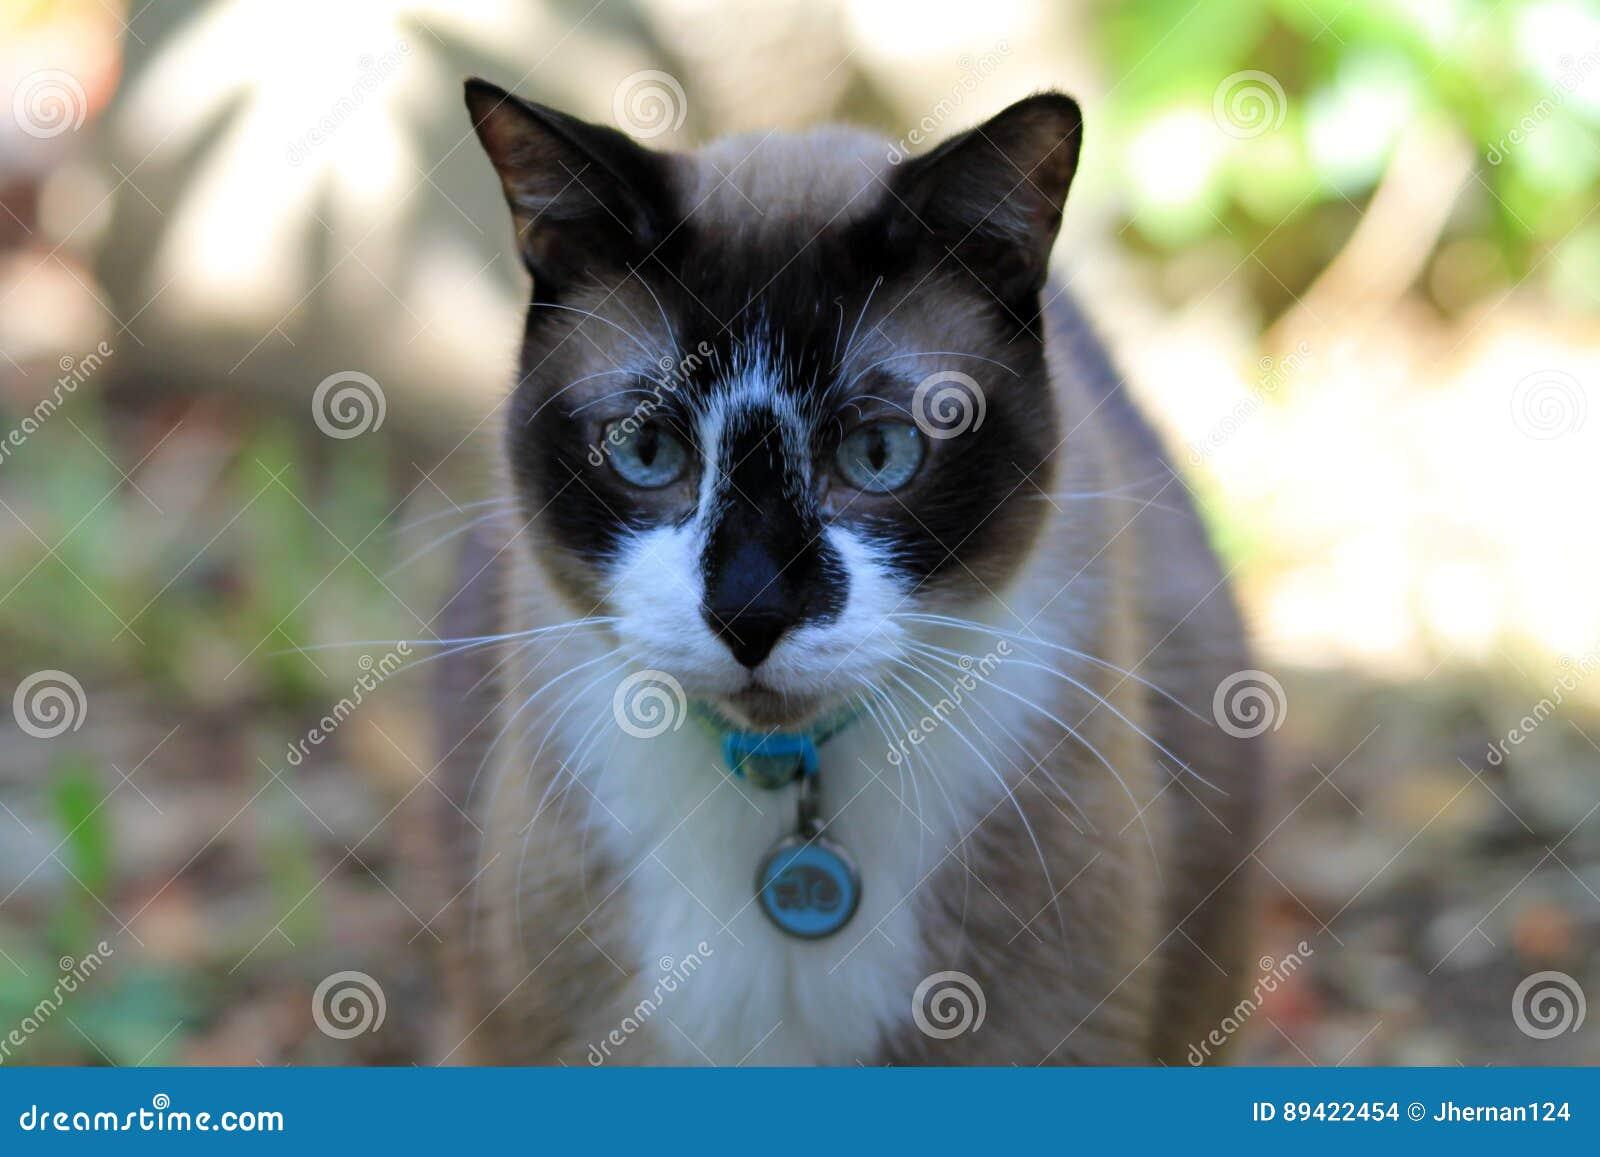 Cabeça do gato Siamese sobre